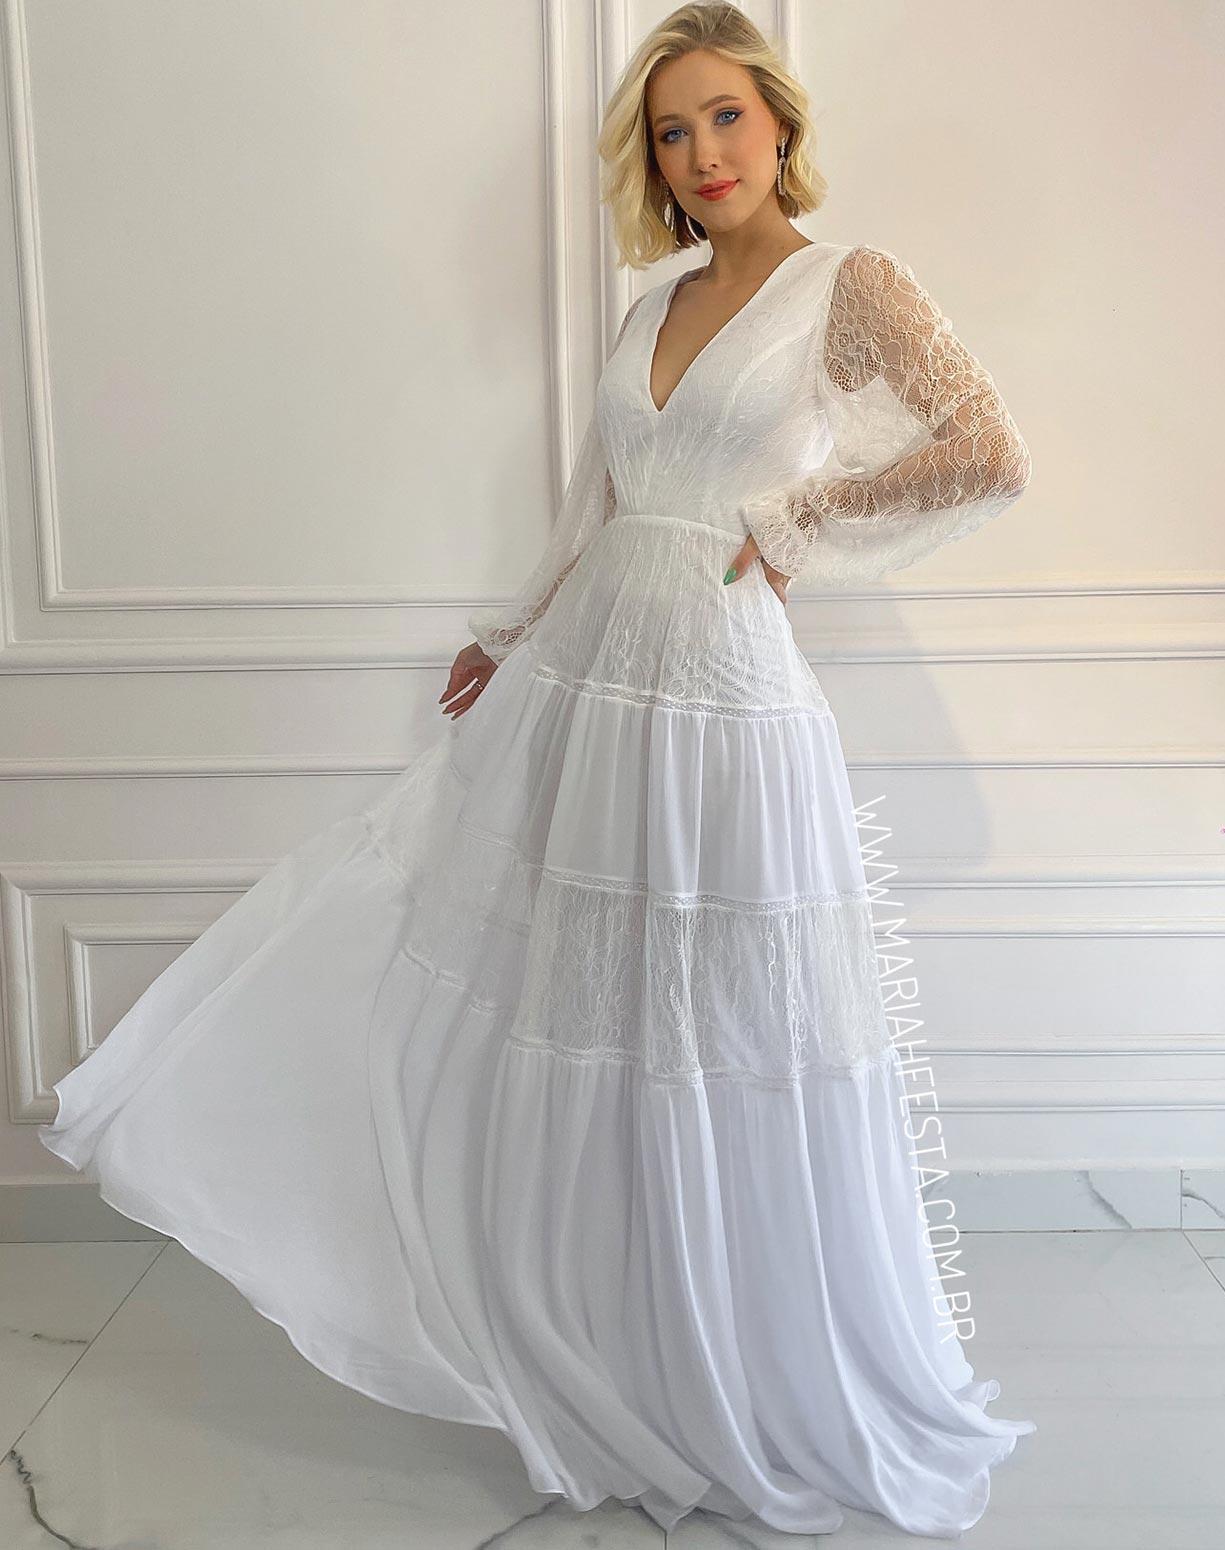 Vestido Branco com Saia Evasê em Mix de Renda e Musseline